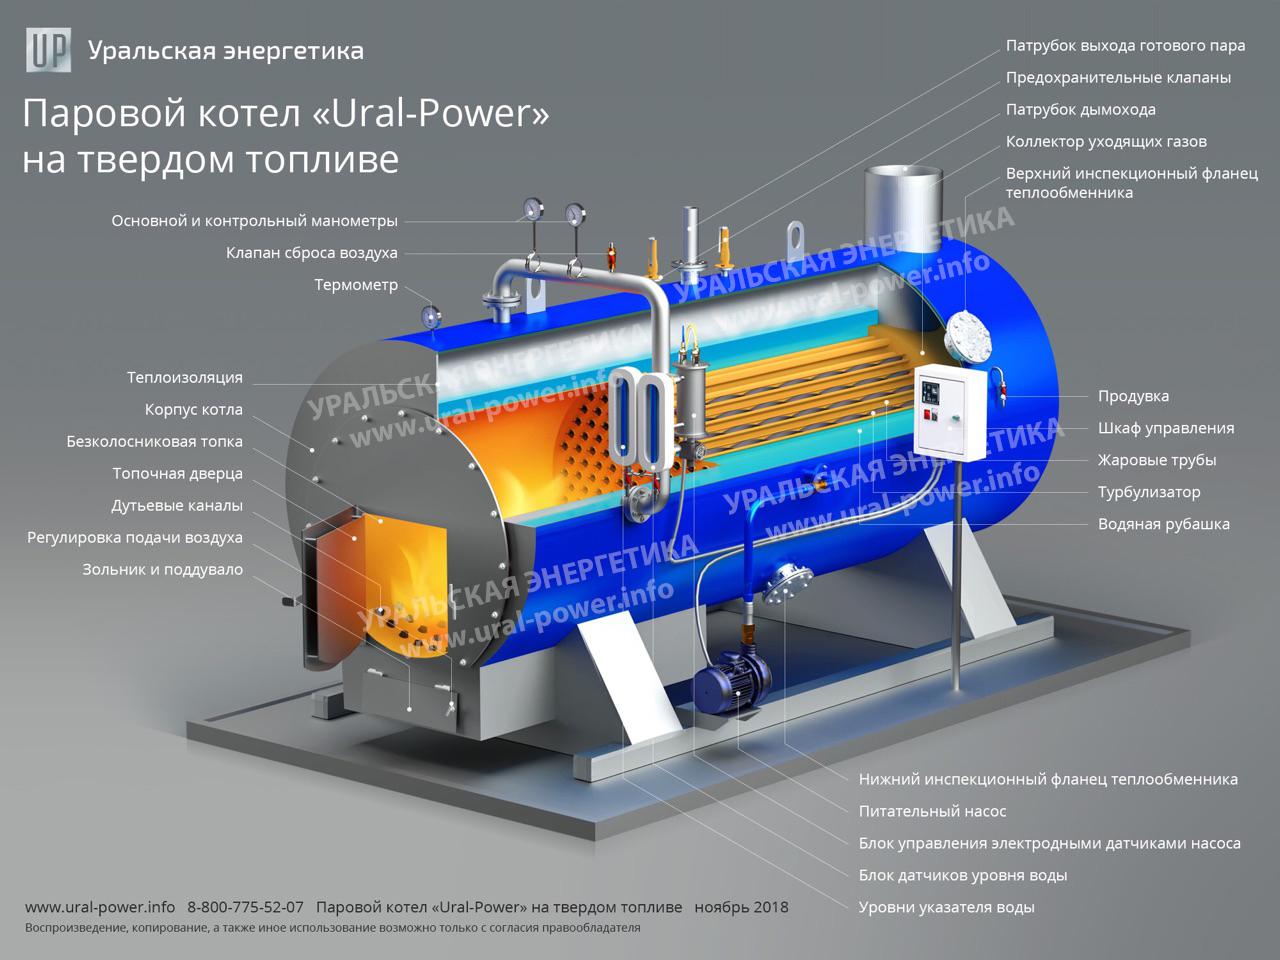 Паровой котел на твердом топливе URAL-POWER описание